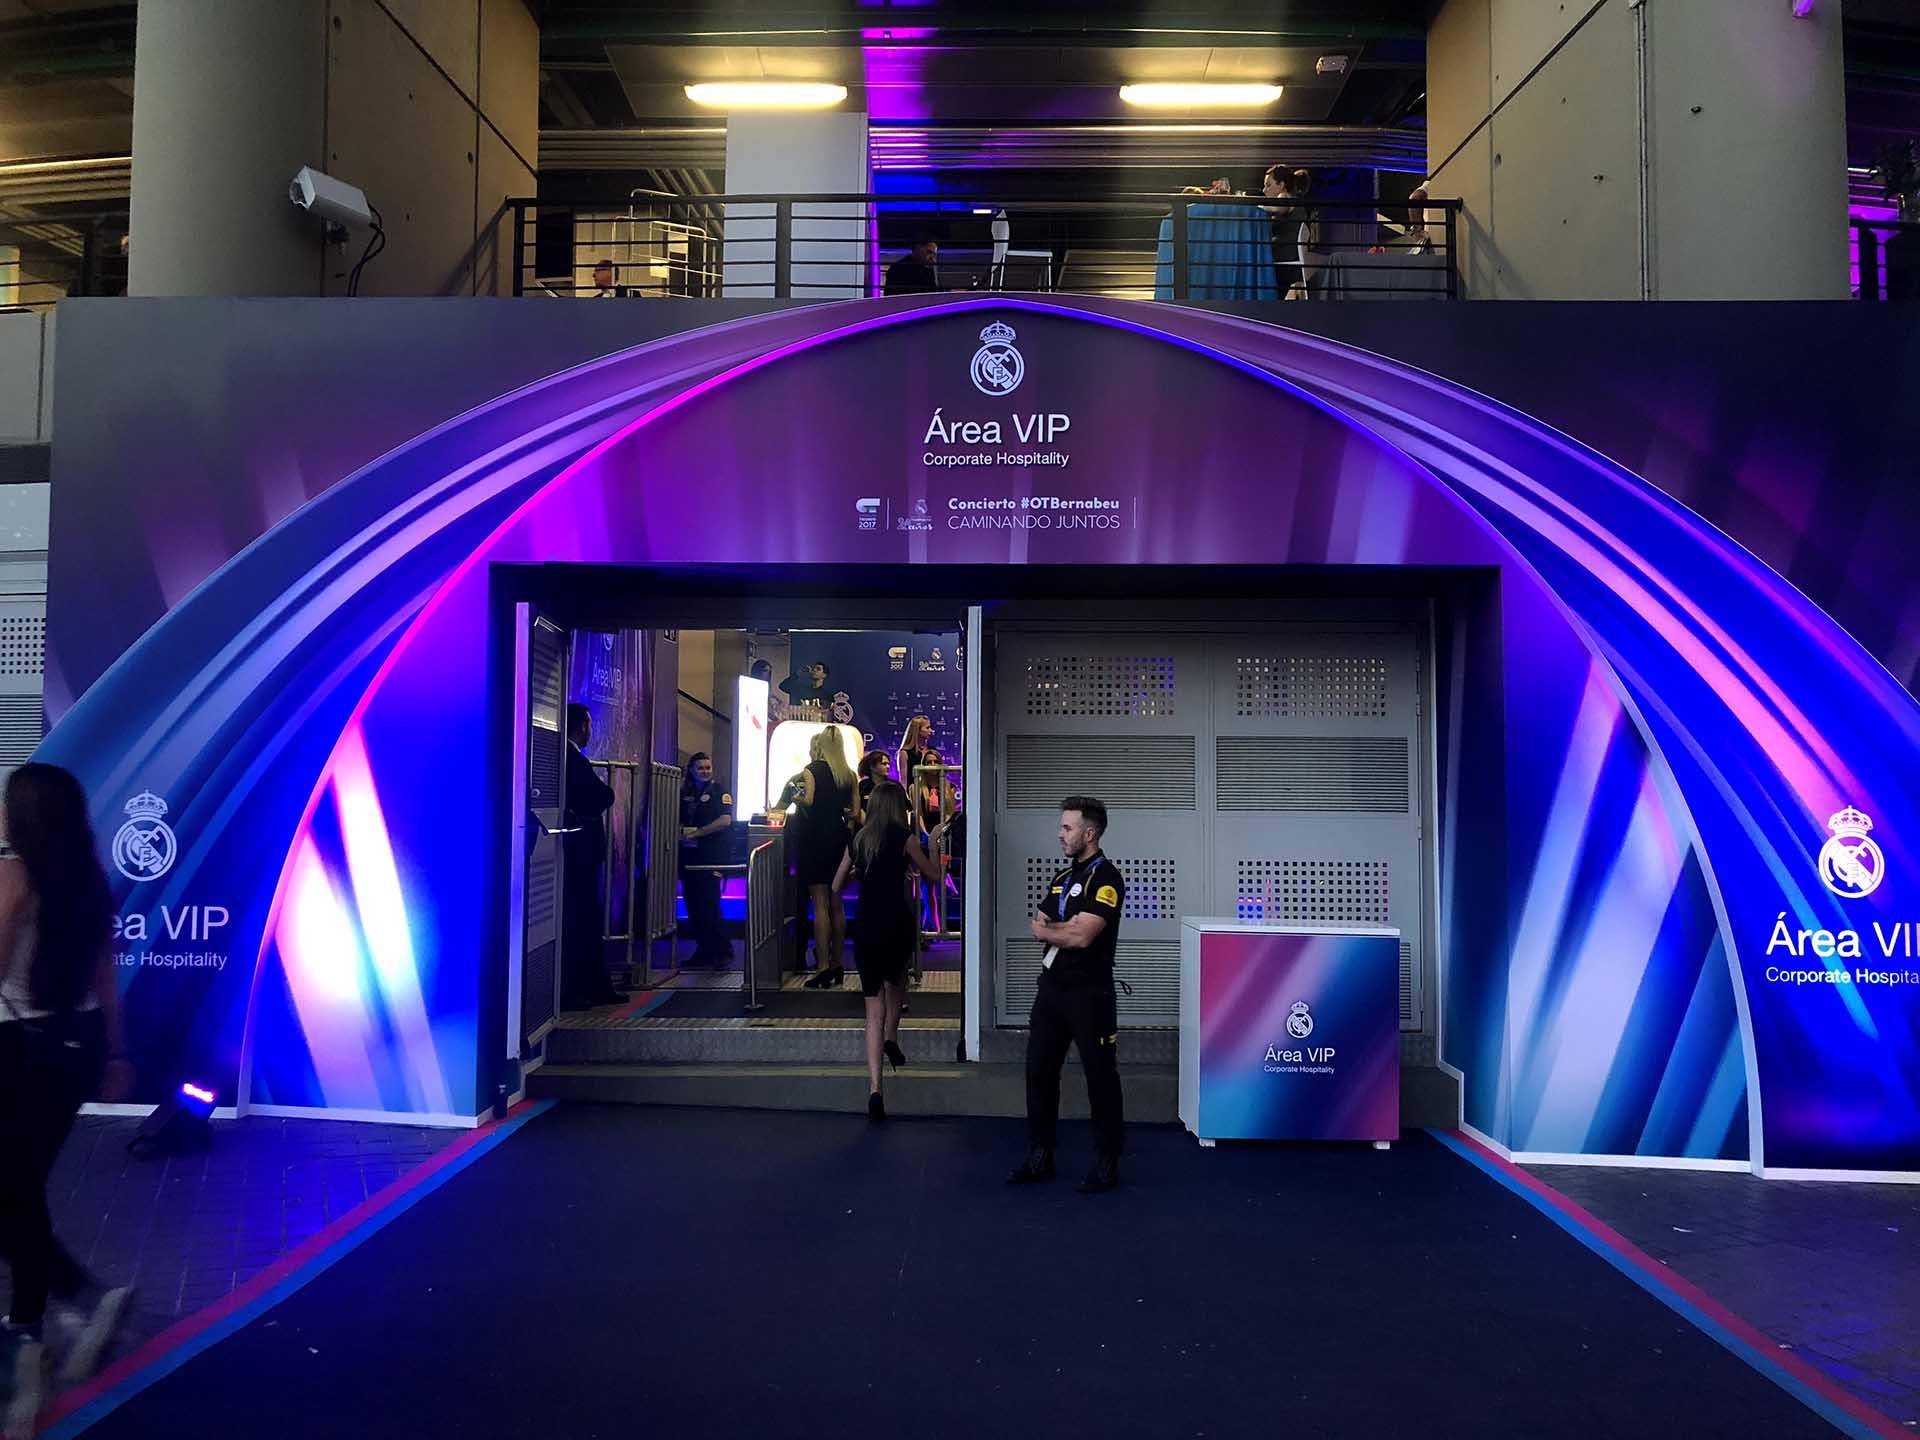 Evento anual área vip Real Madrid. Decoración acceso